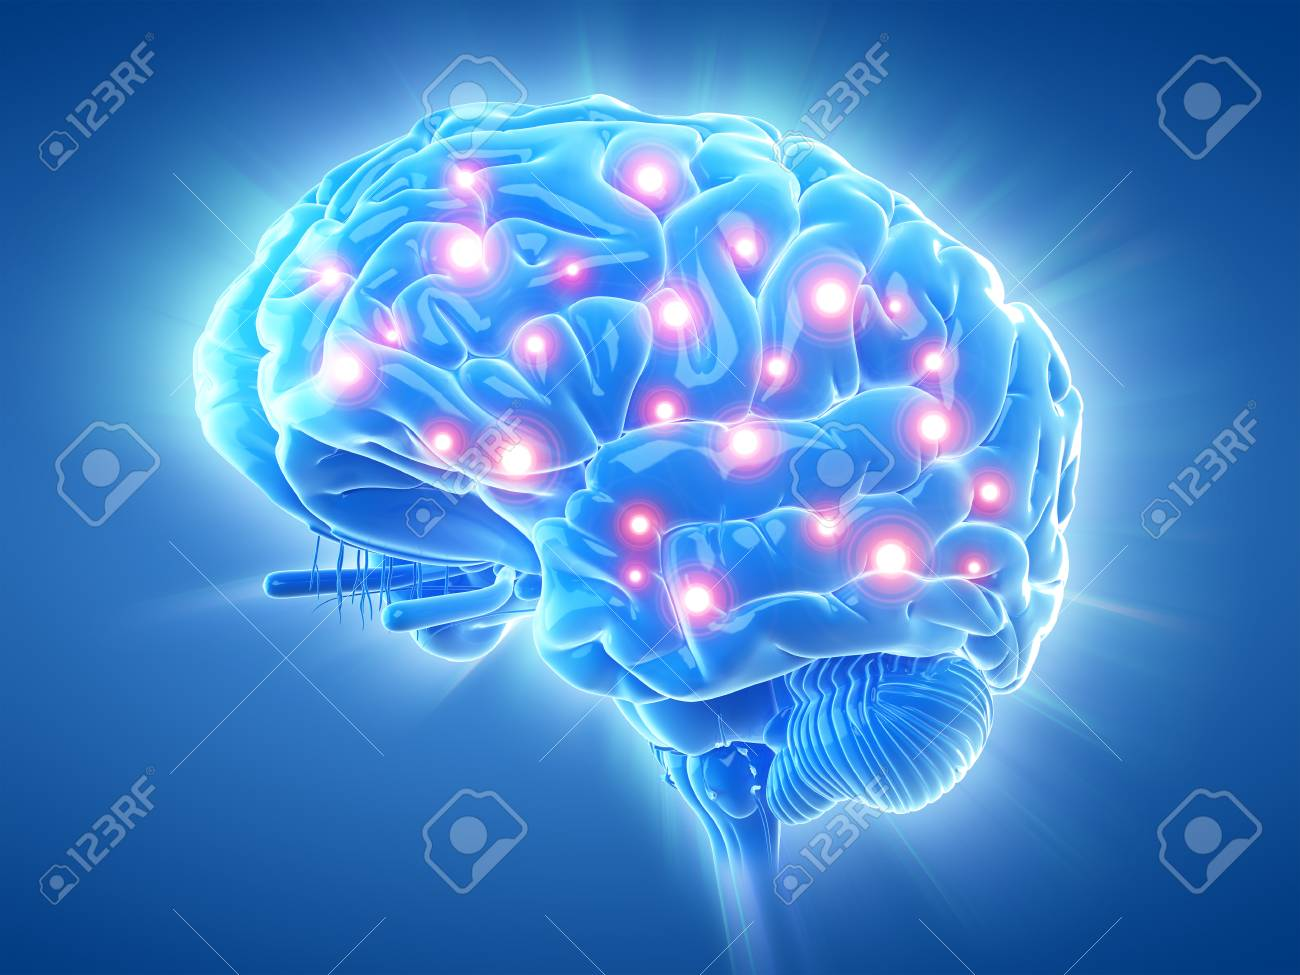 60919482-3d-rendu-illustration-médicalement-exacte-d-un-cerveau-actif